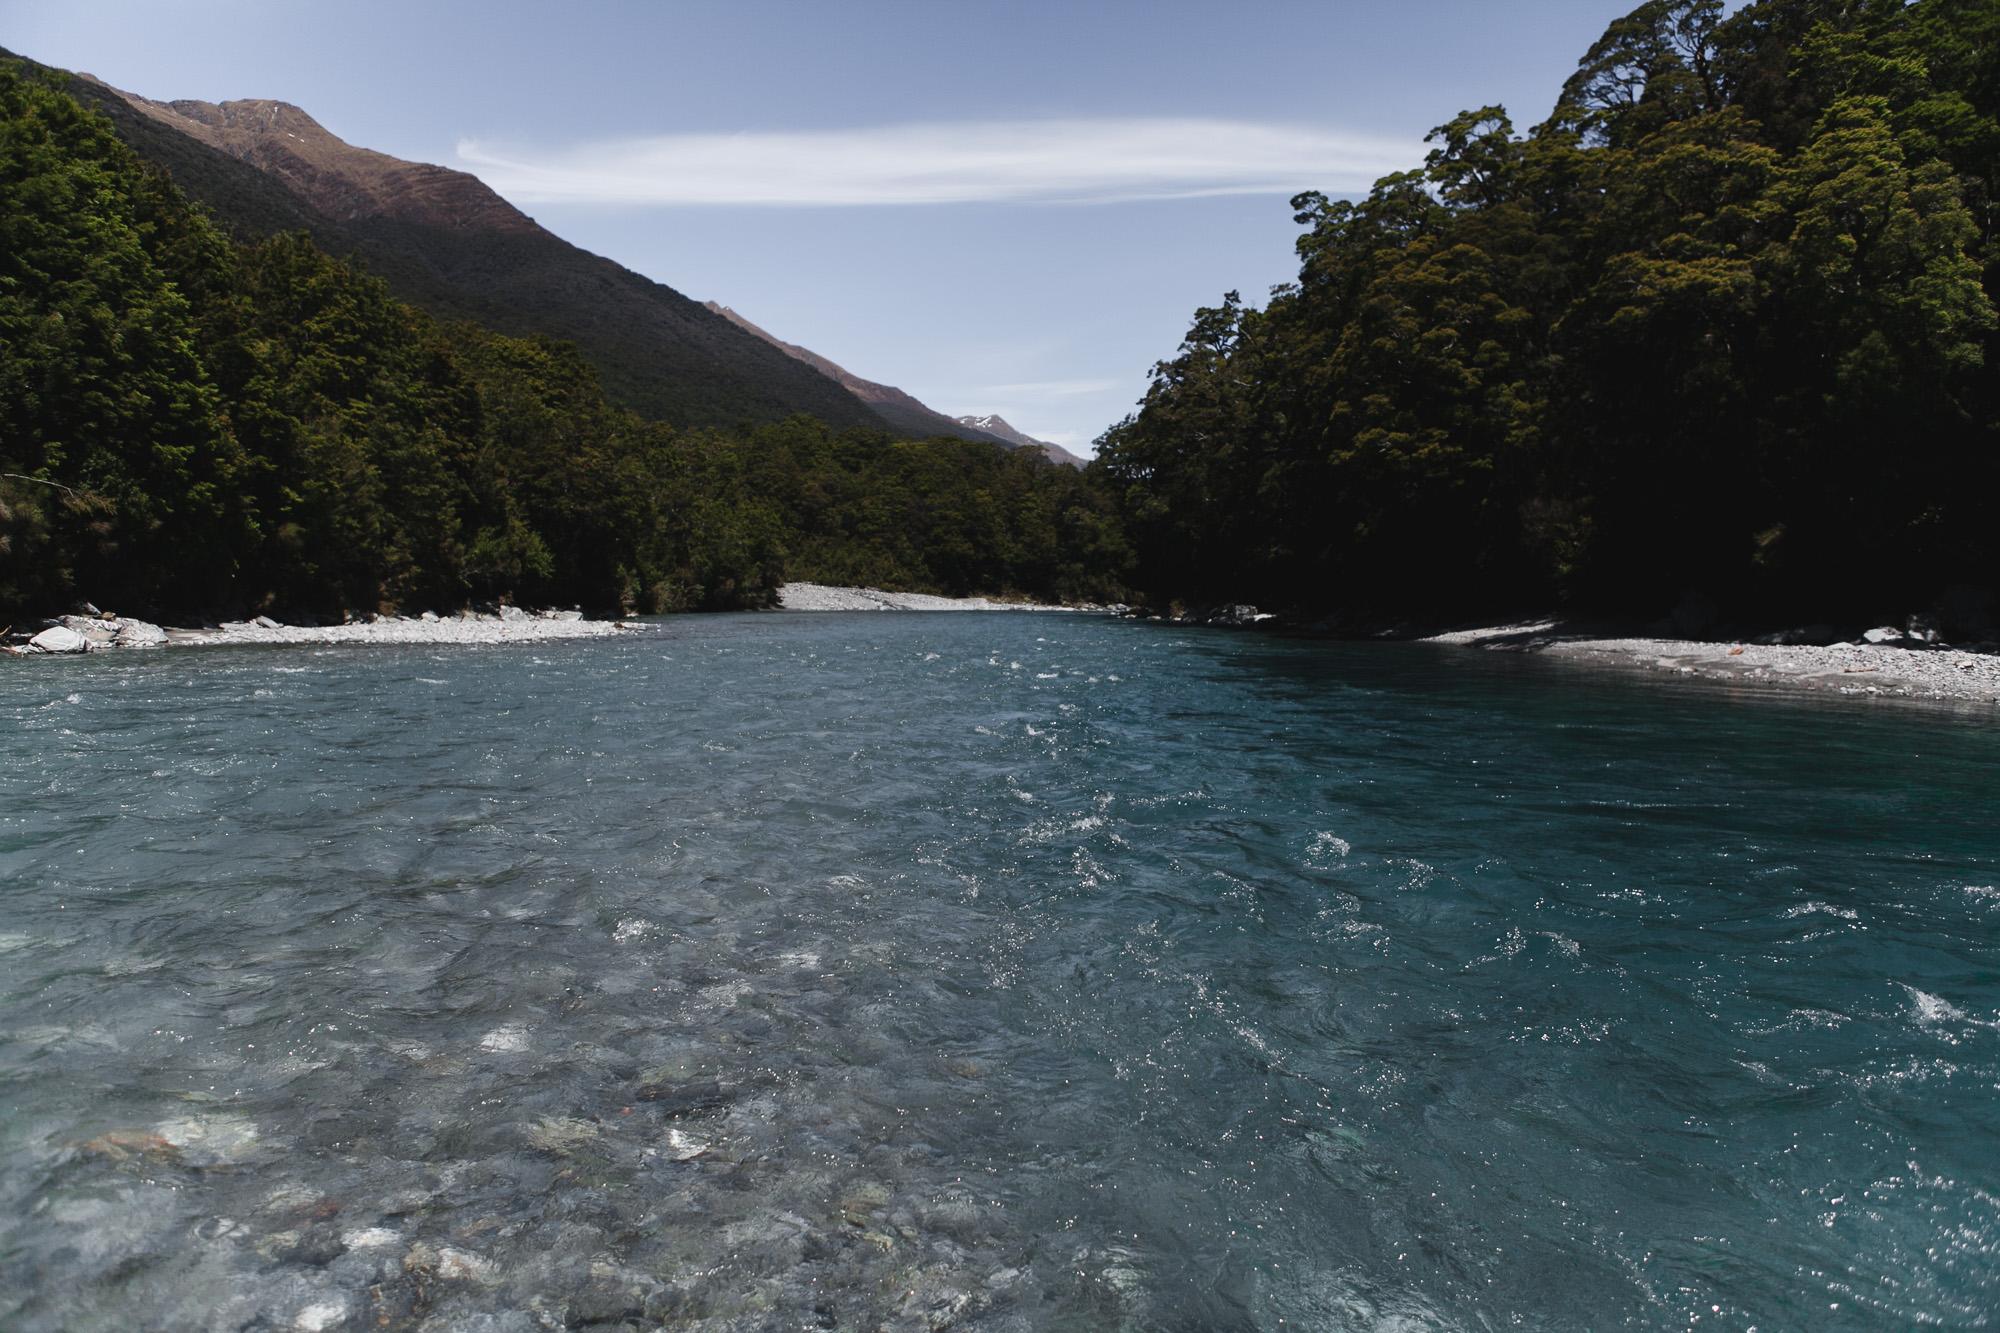 blue-pools-new-zealand-jysla-kay-002